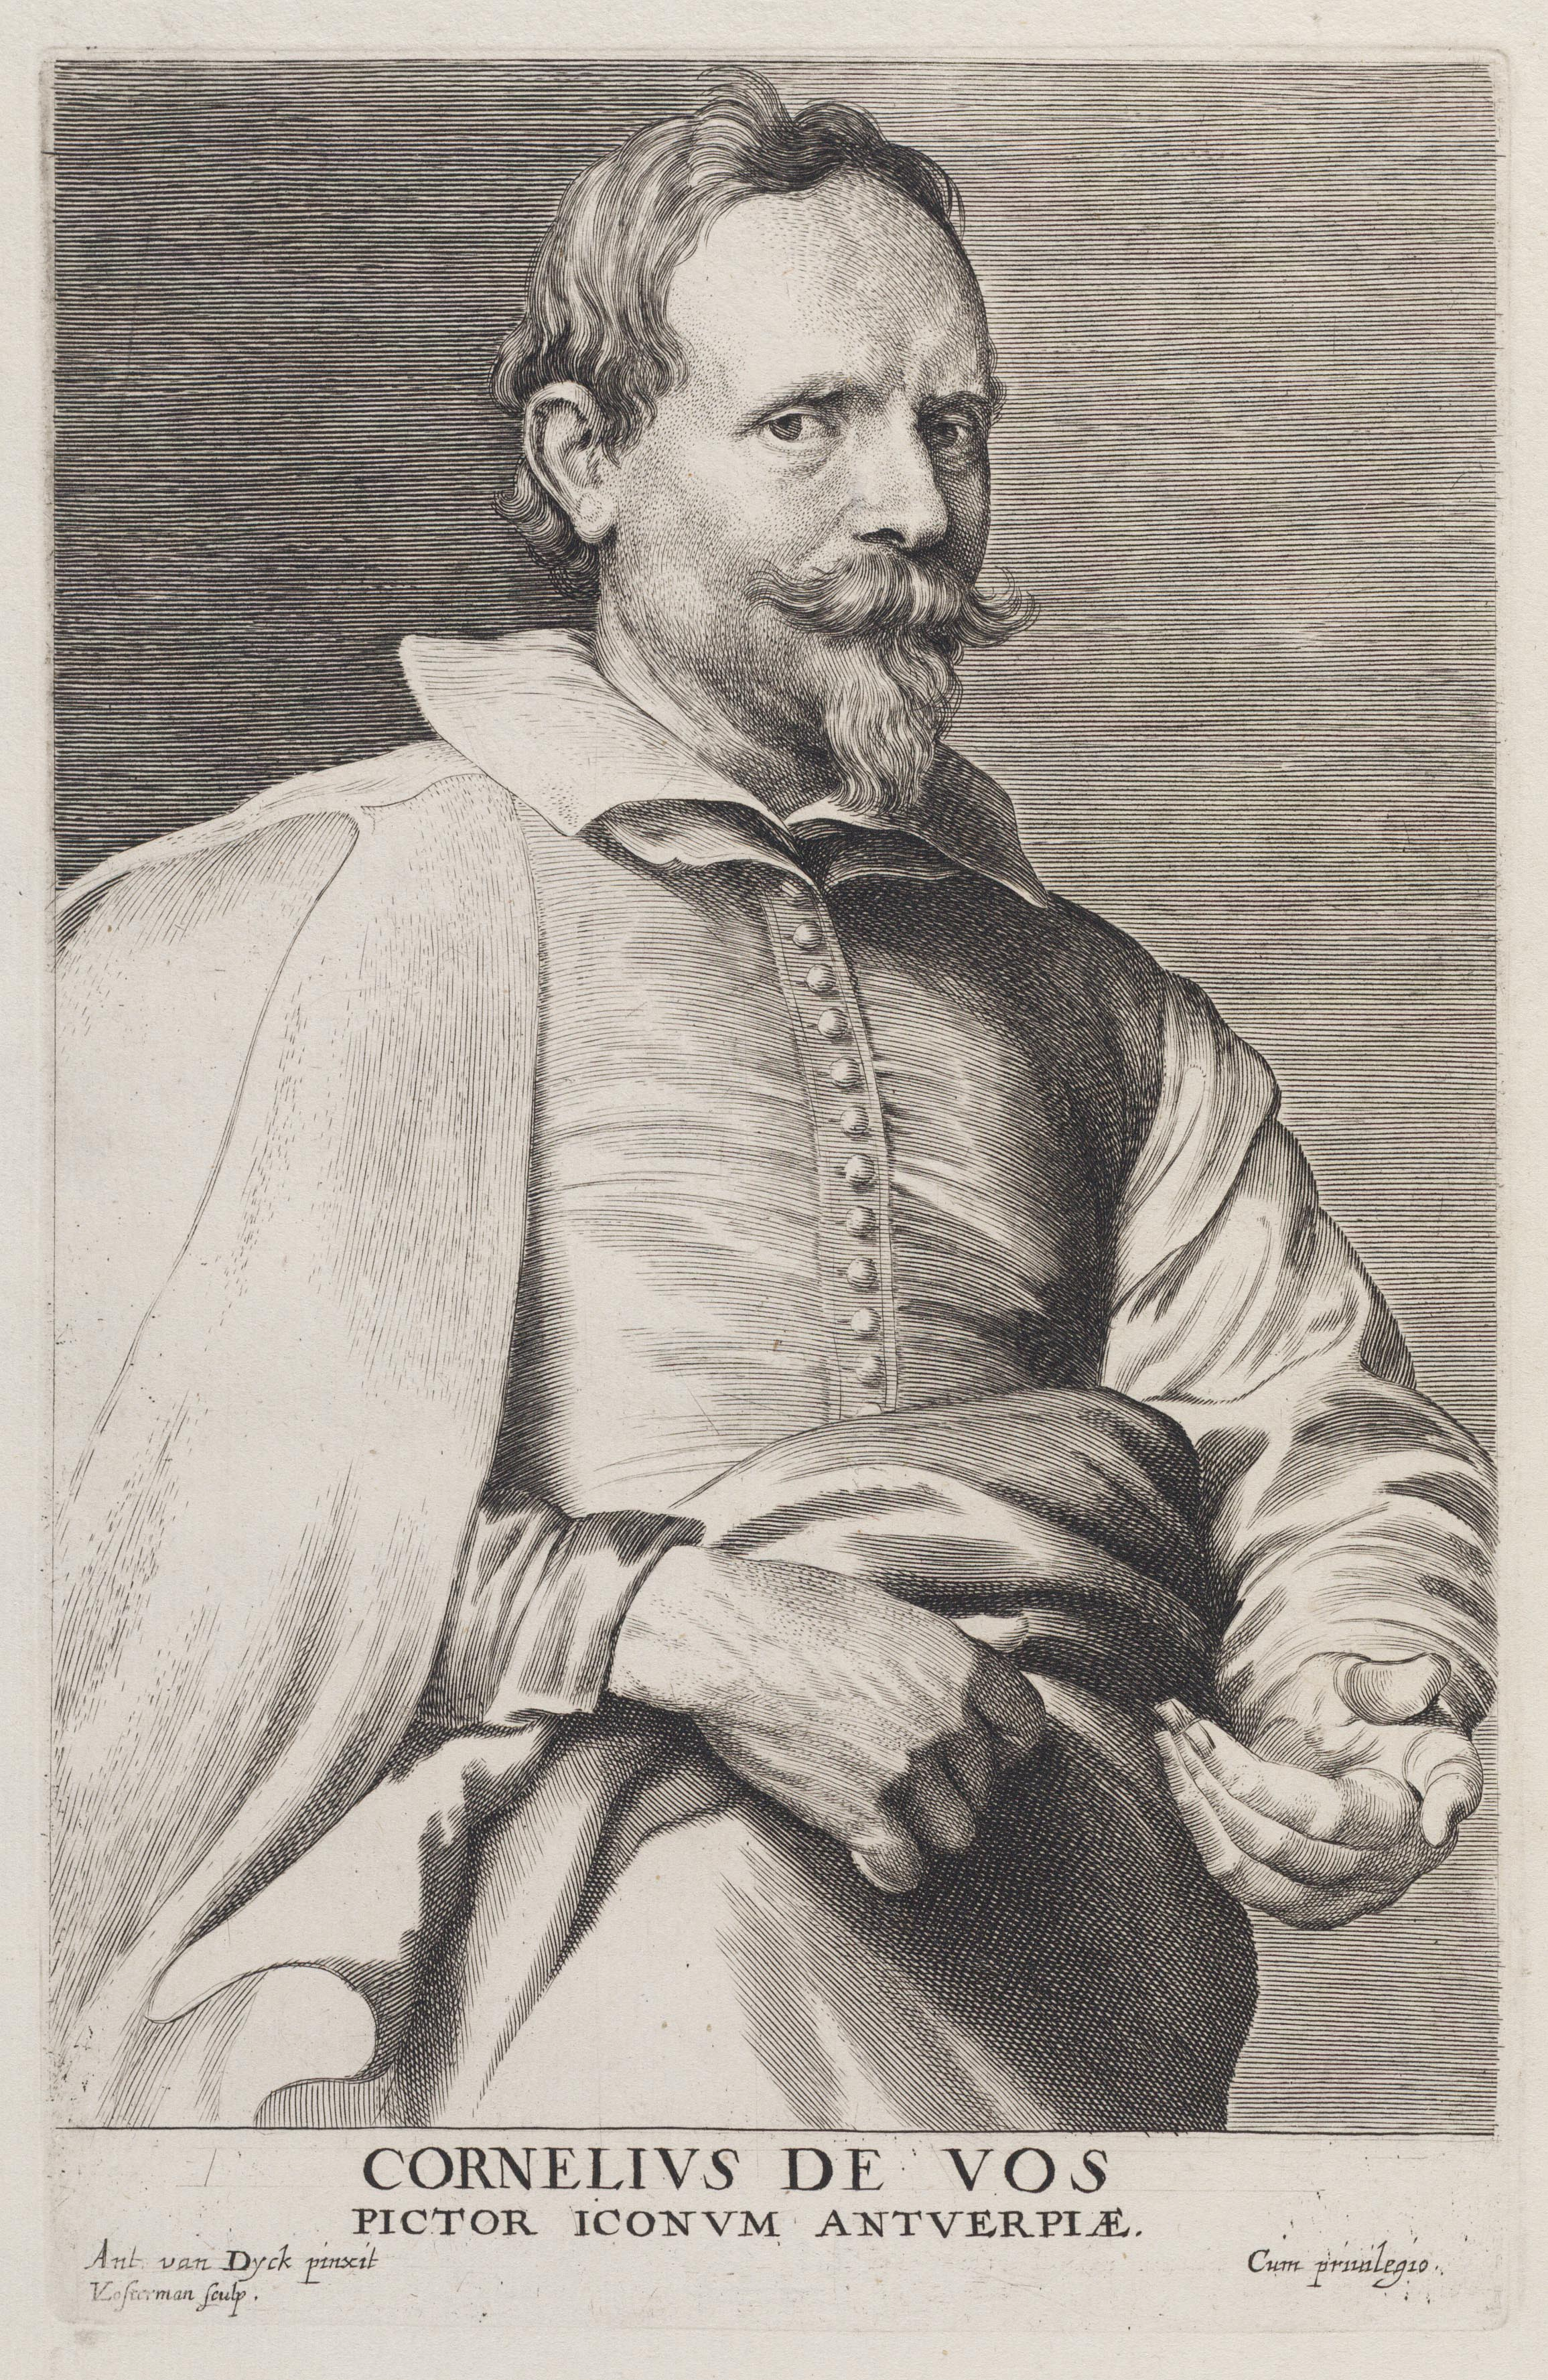 Corn Van Dijck.Cornelis De Vos Wikidata